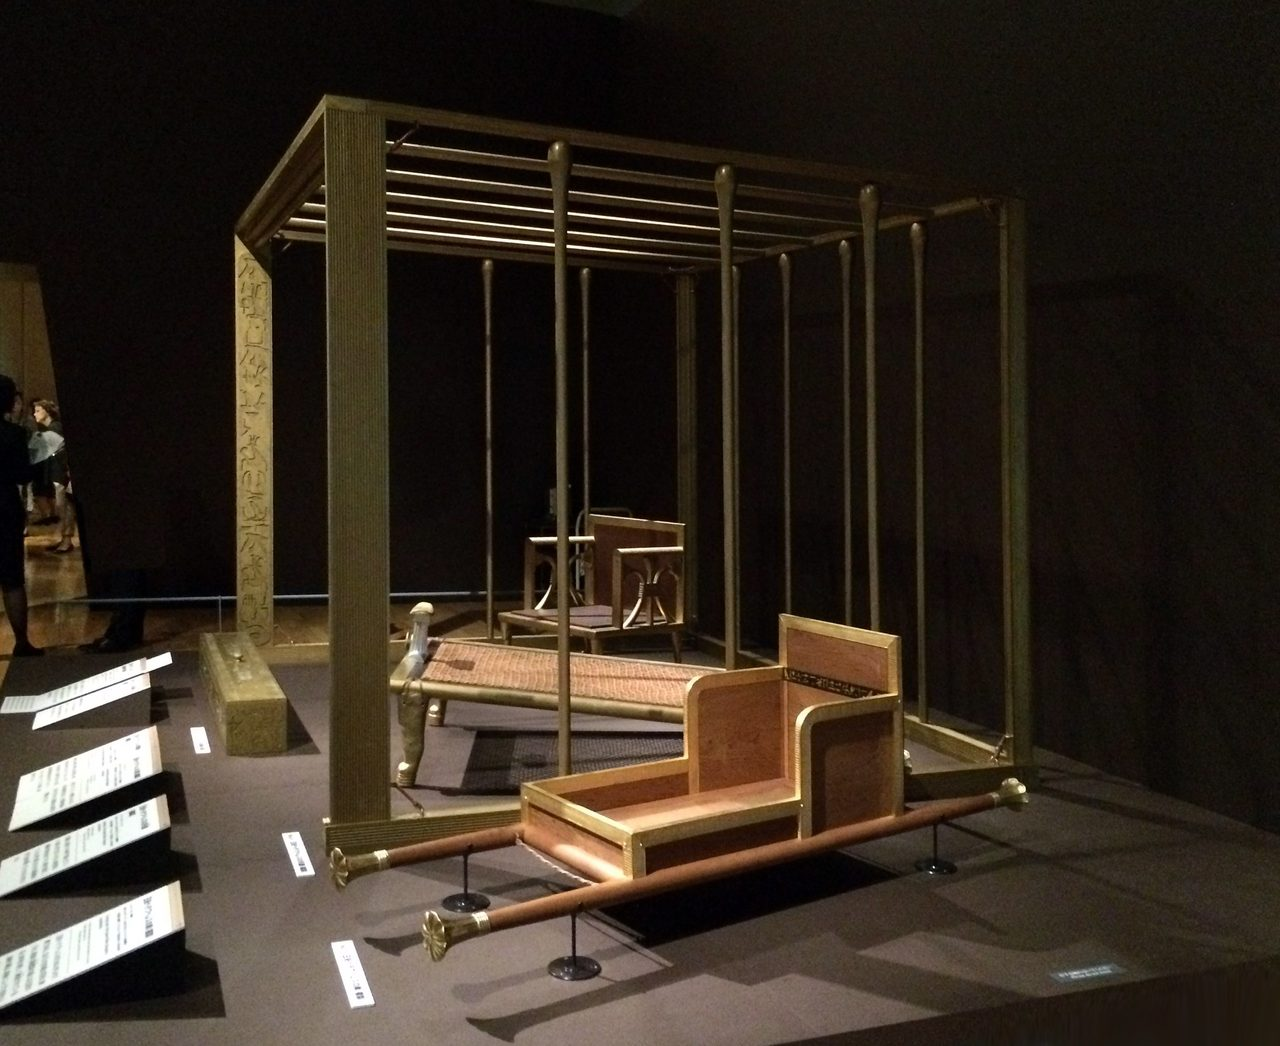 画像: 手前「王妃ヘテプヘレスの輿(複製)」、奥に「「王妃ヘテプヘレスの天蓋(複製)」、王妃ヘテプヘレスの寝台(複製)」、「王妃ヘテプへレスの肘掛椅子(複製)」すべてモナコ グリマルディ・フォーラム所蔵。 原品はいずれも古王国・第4王朝時代  スネフェル王~クフ王治世(前2614~前2556年頃)。カイロ・エジプト博物館所蔵  (C)cinefil art review